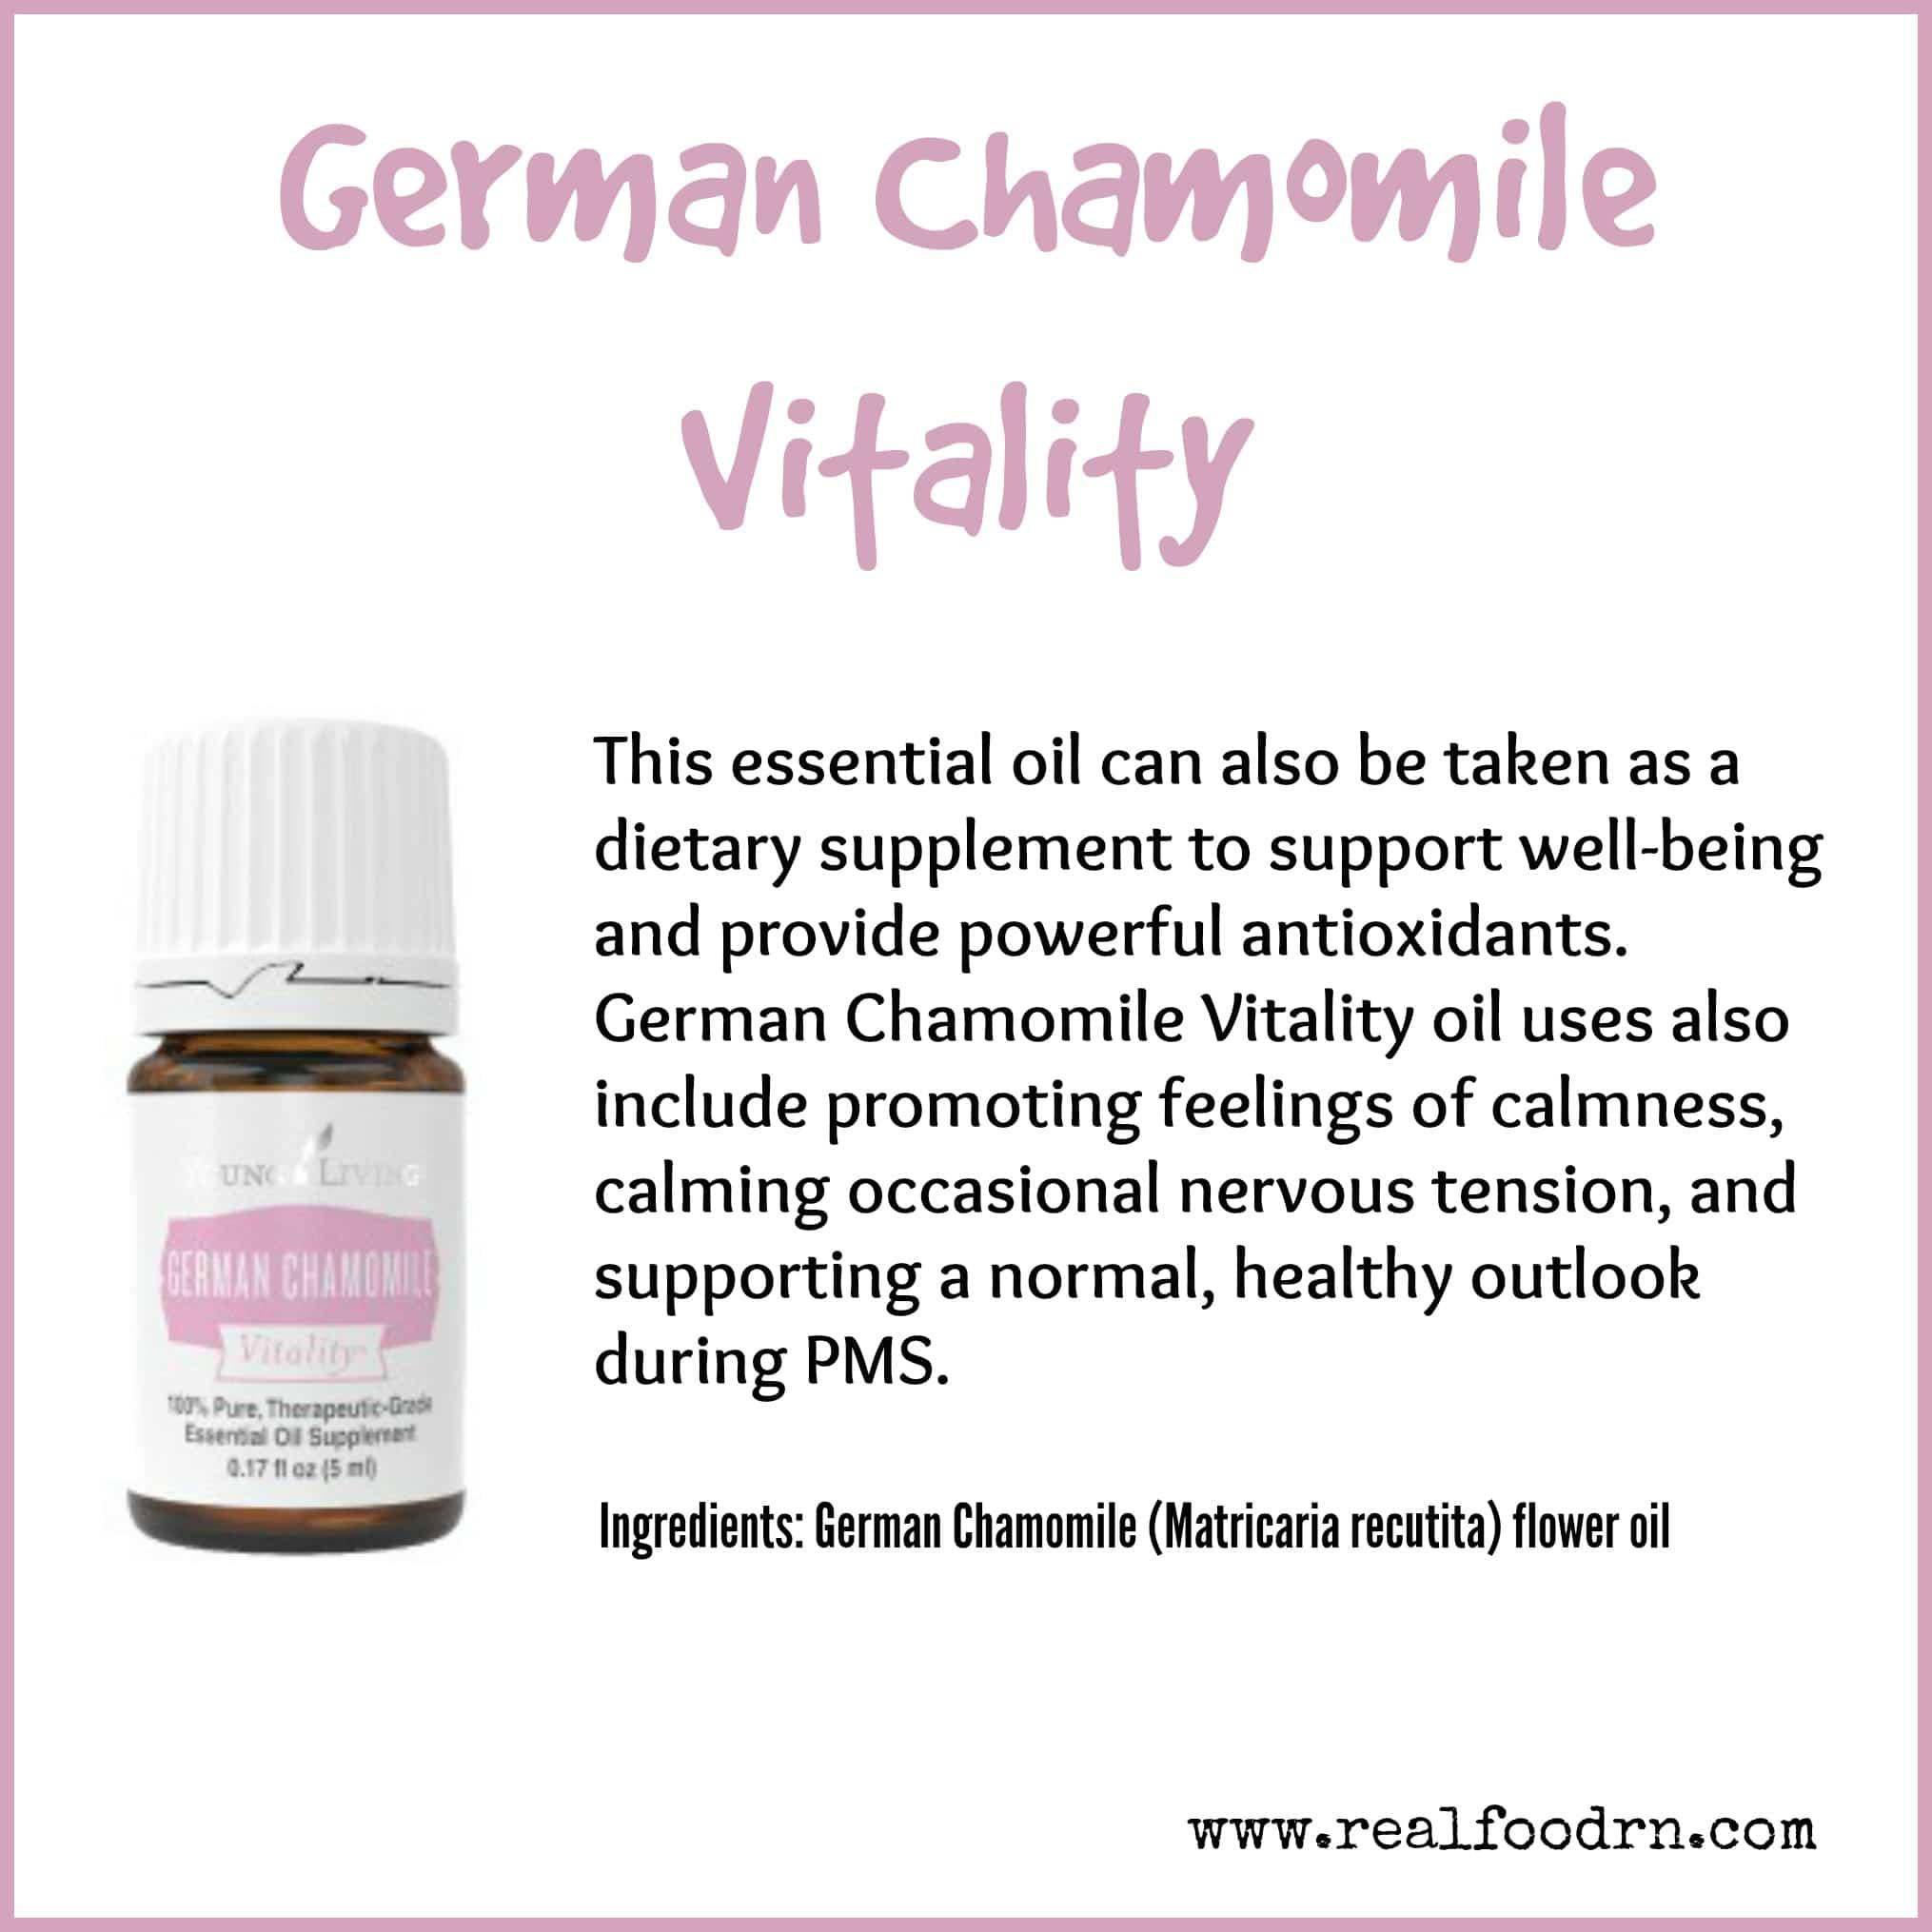 German Chamomile Vitality